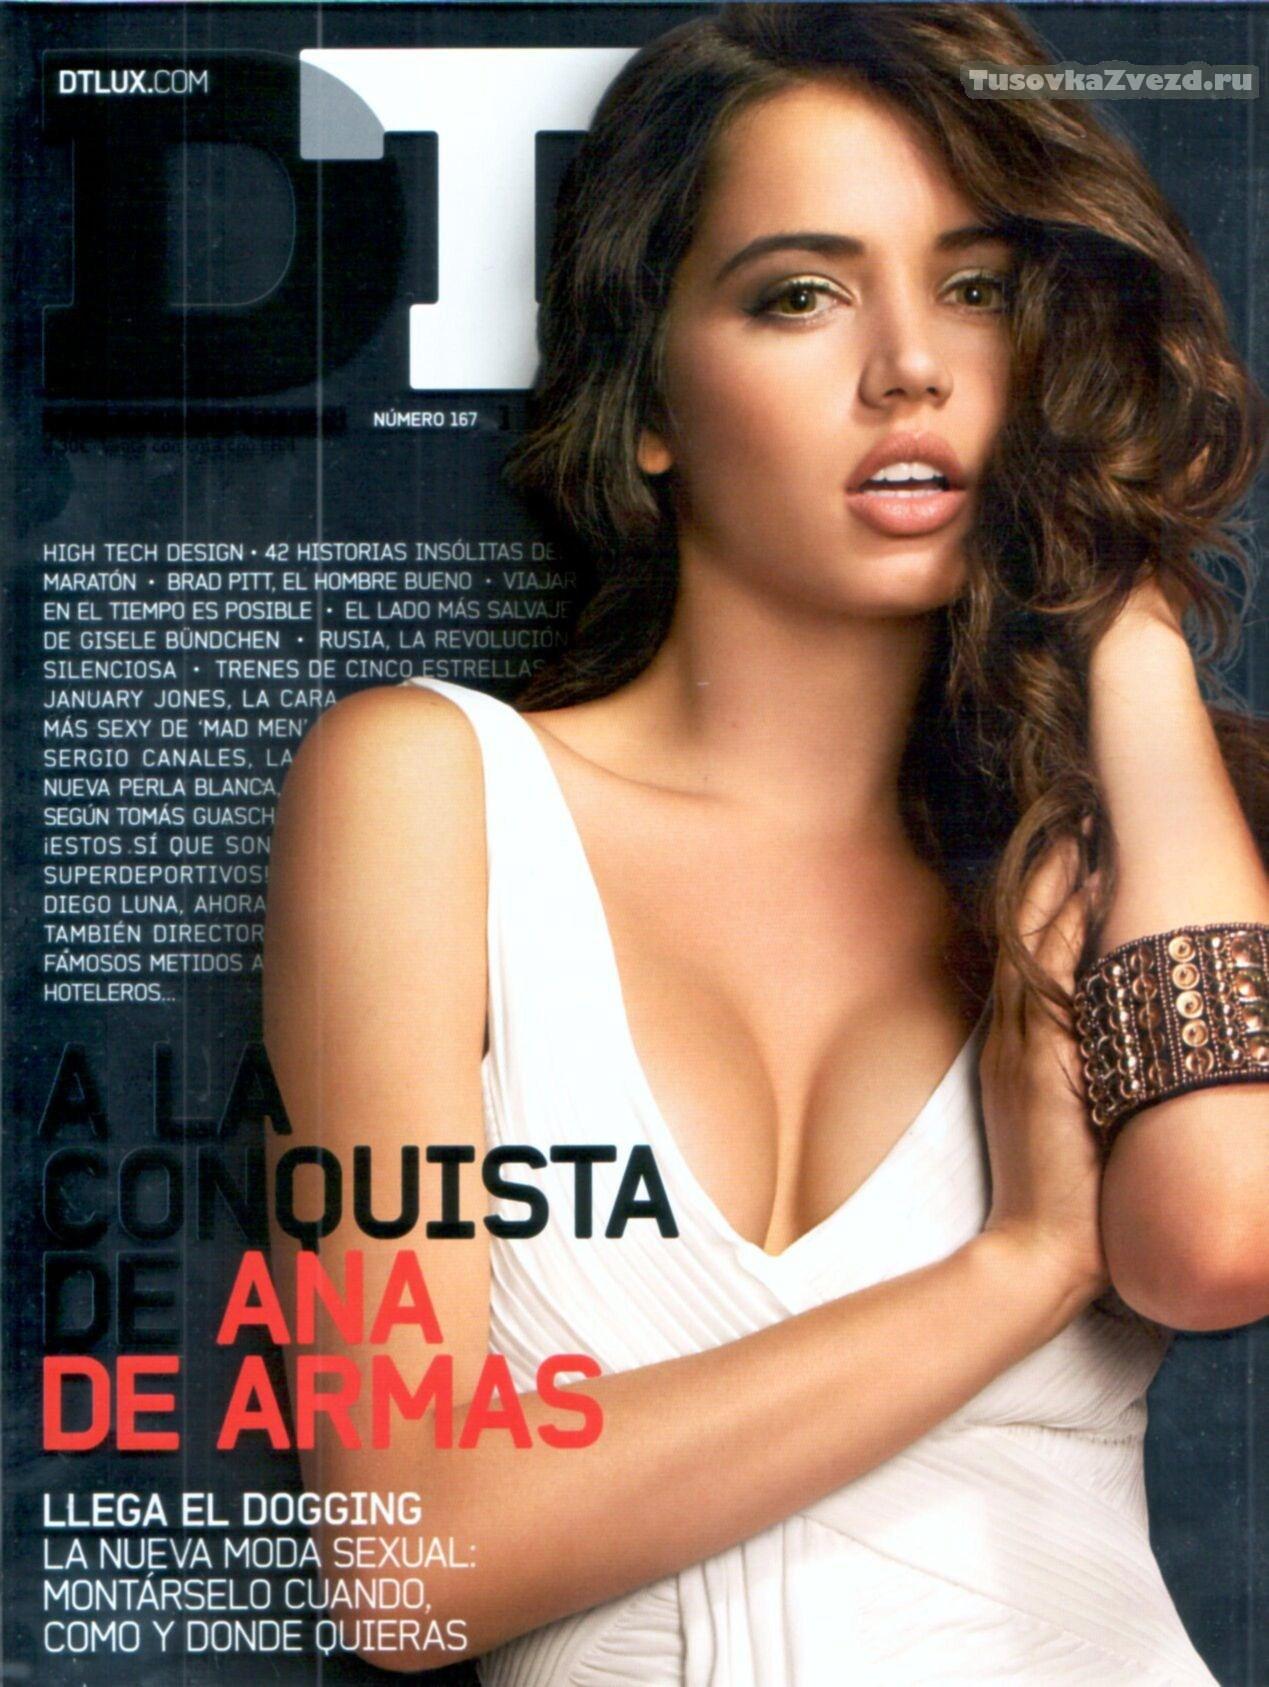 Ана де Армас (Ana de Armas) эротическая фото сессия для журнала DT Испания, октябрь 2010